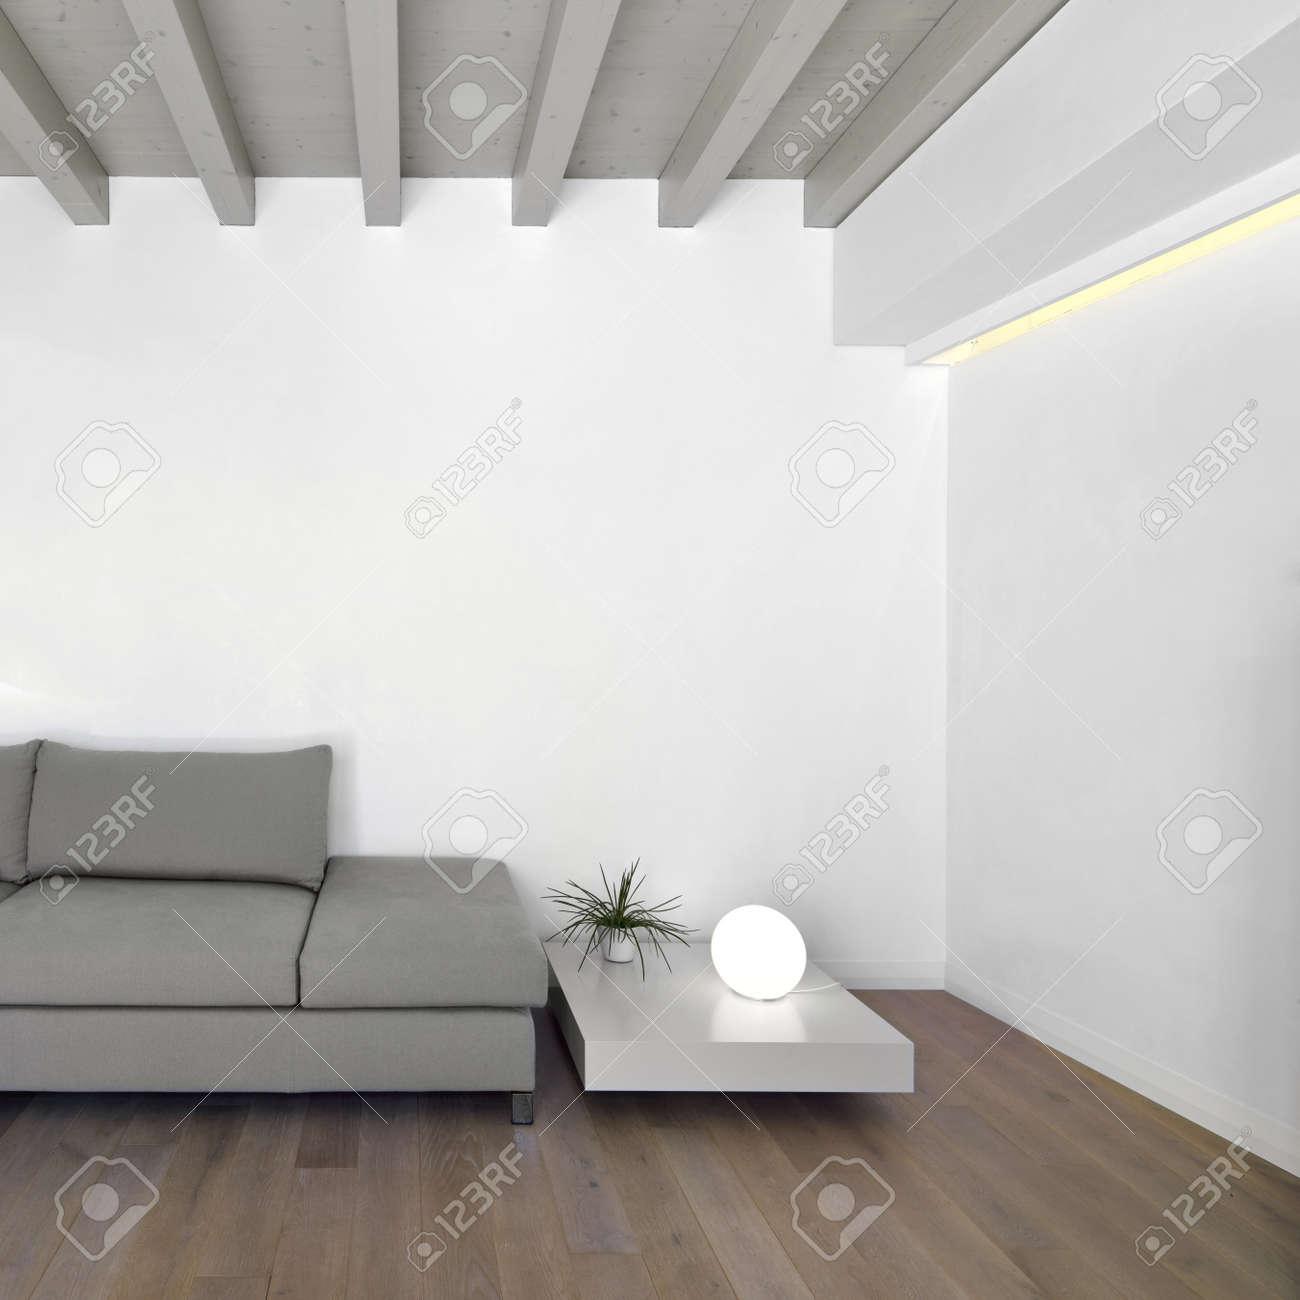 Modernes wohnzimmer mit parkett lizenzfreie fotos, bilder und ...